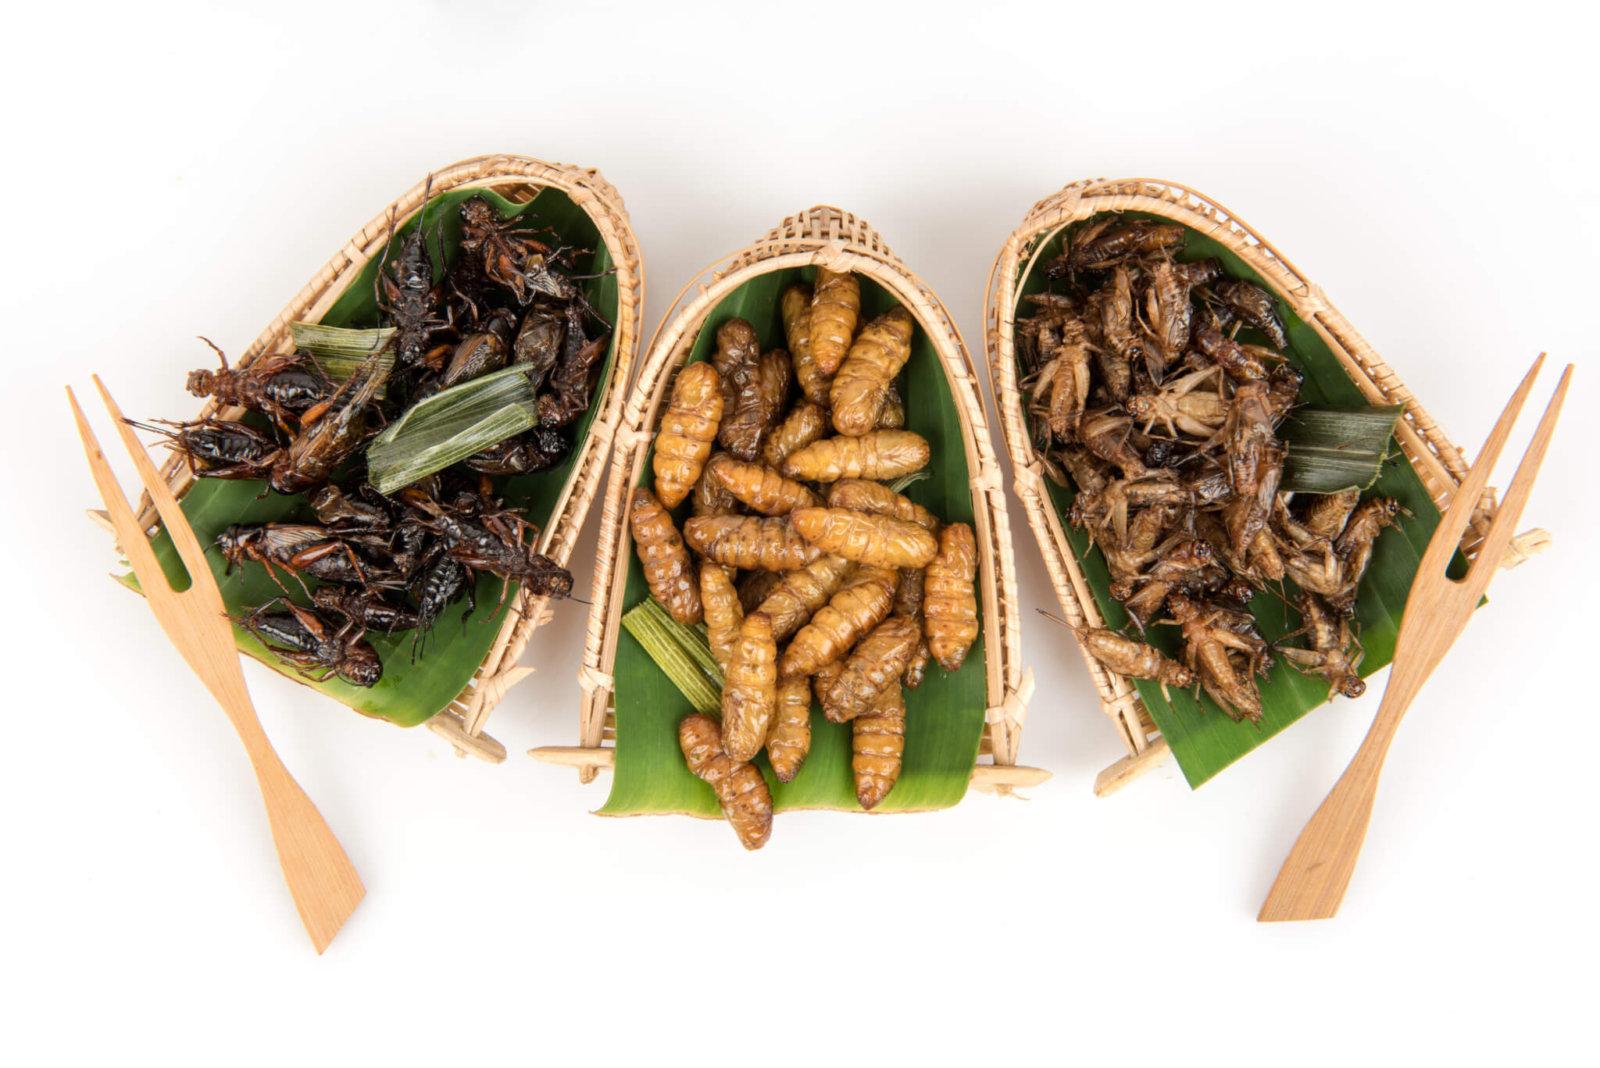 Muy nutritivos, pero los insectos comestibles en México están al margen de la ley - Goula